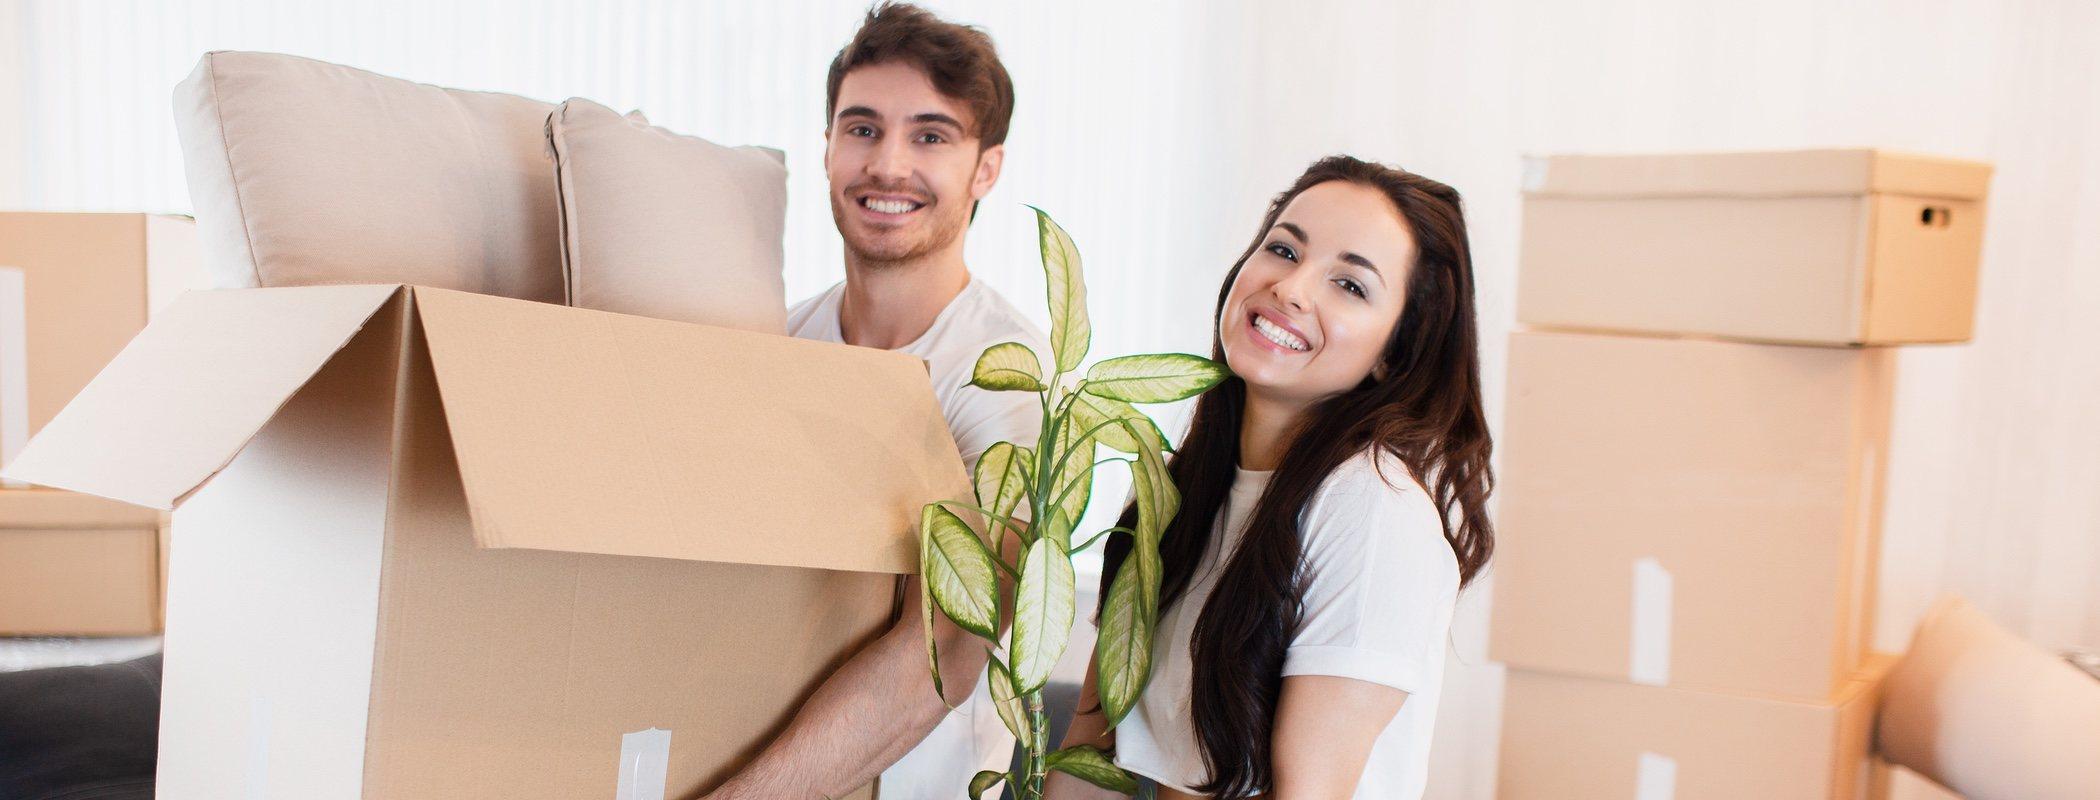 Cómo decorar tu casa nueva sin acabar discutiendo con tu pareja